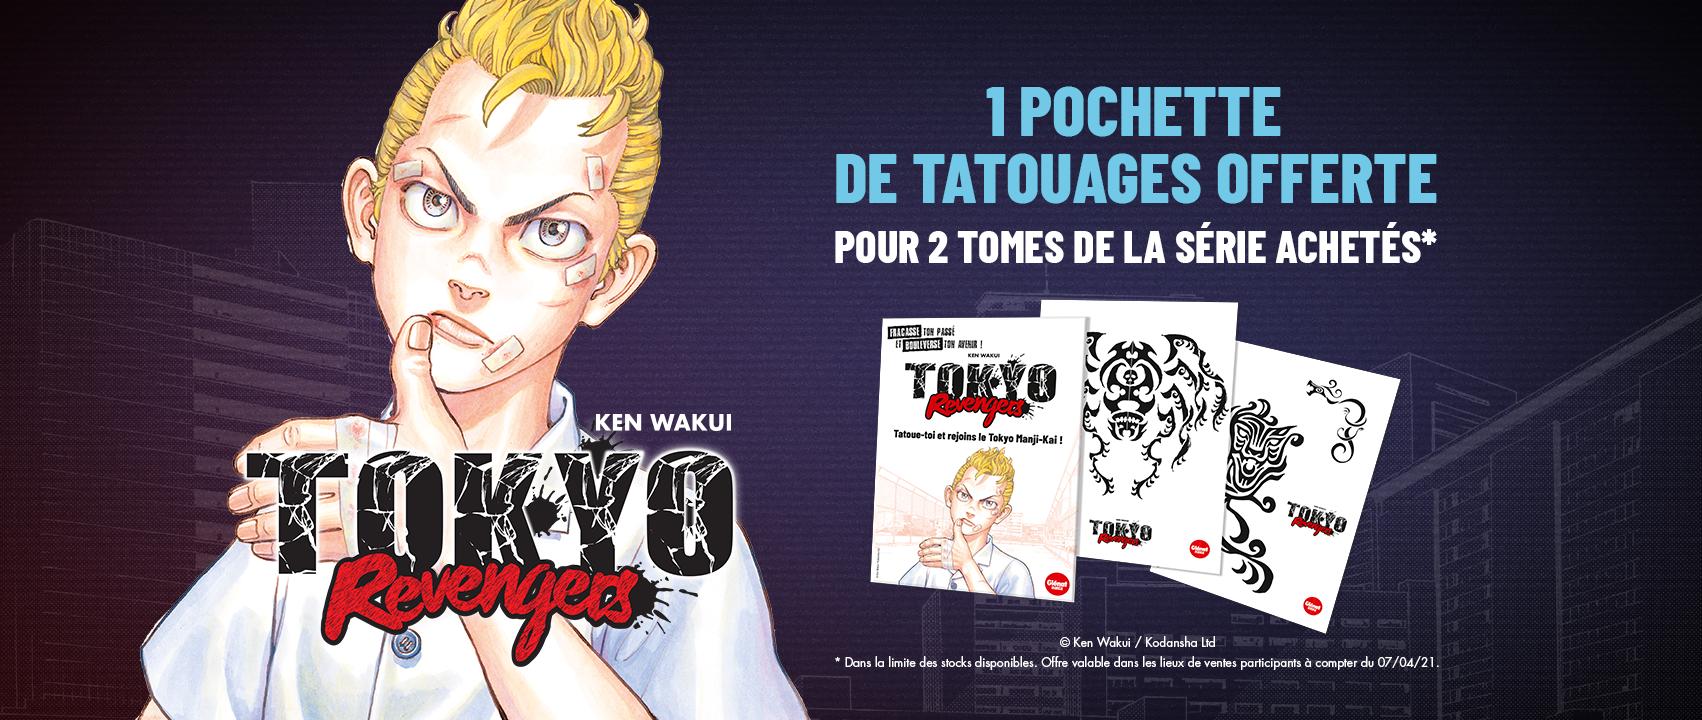 Des planches de tatouages Tokyo Revengers OFFERTES !